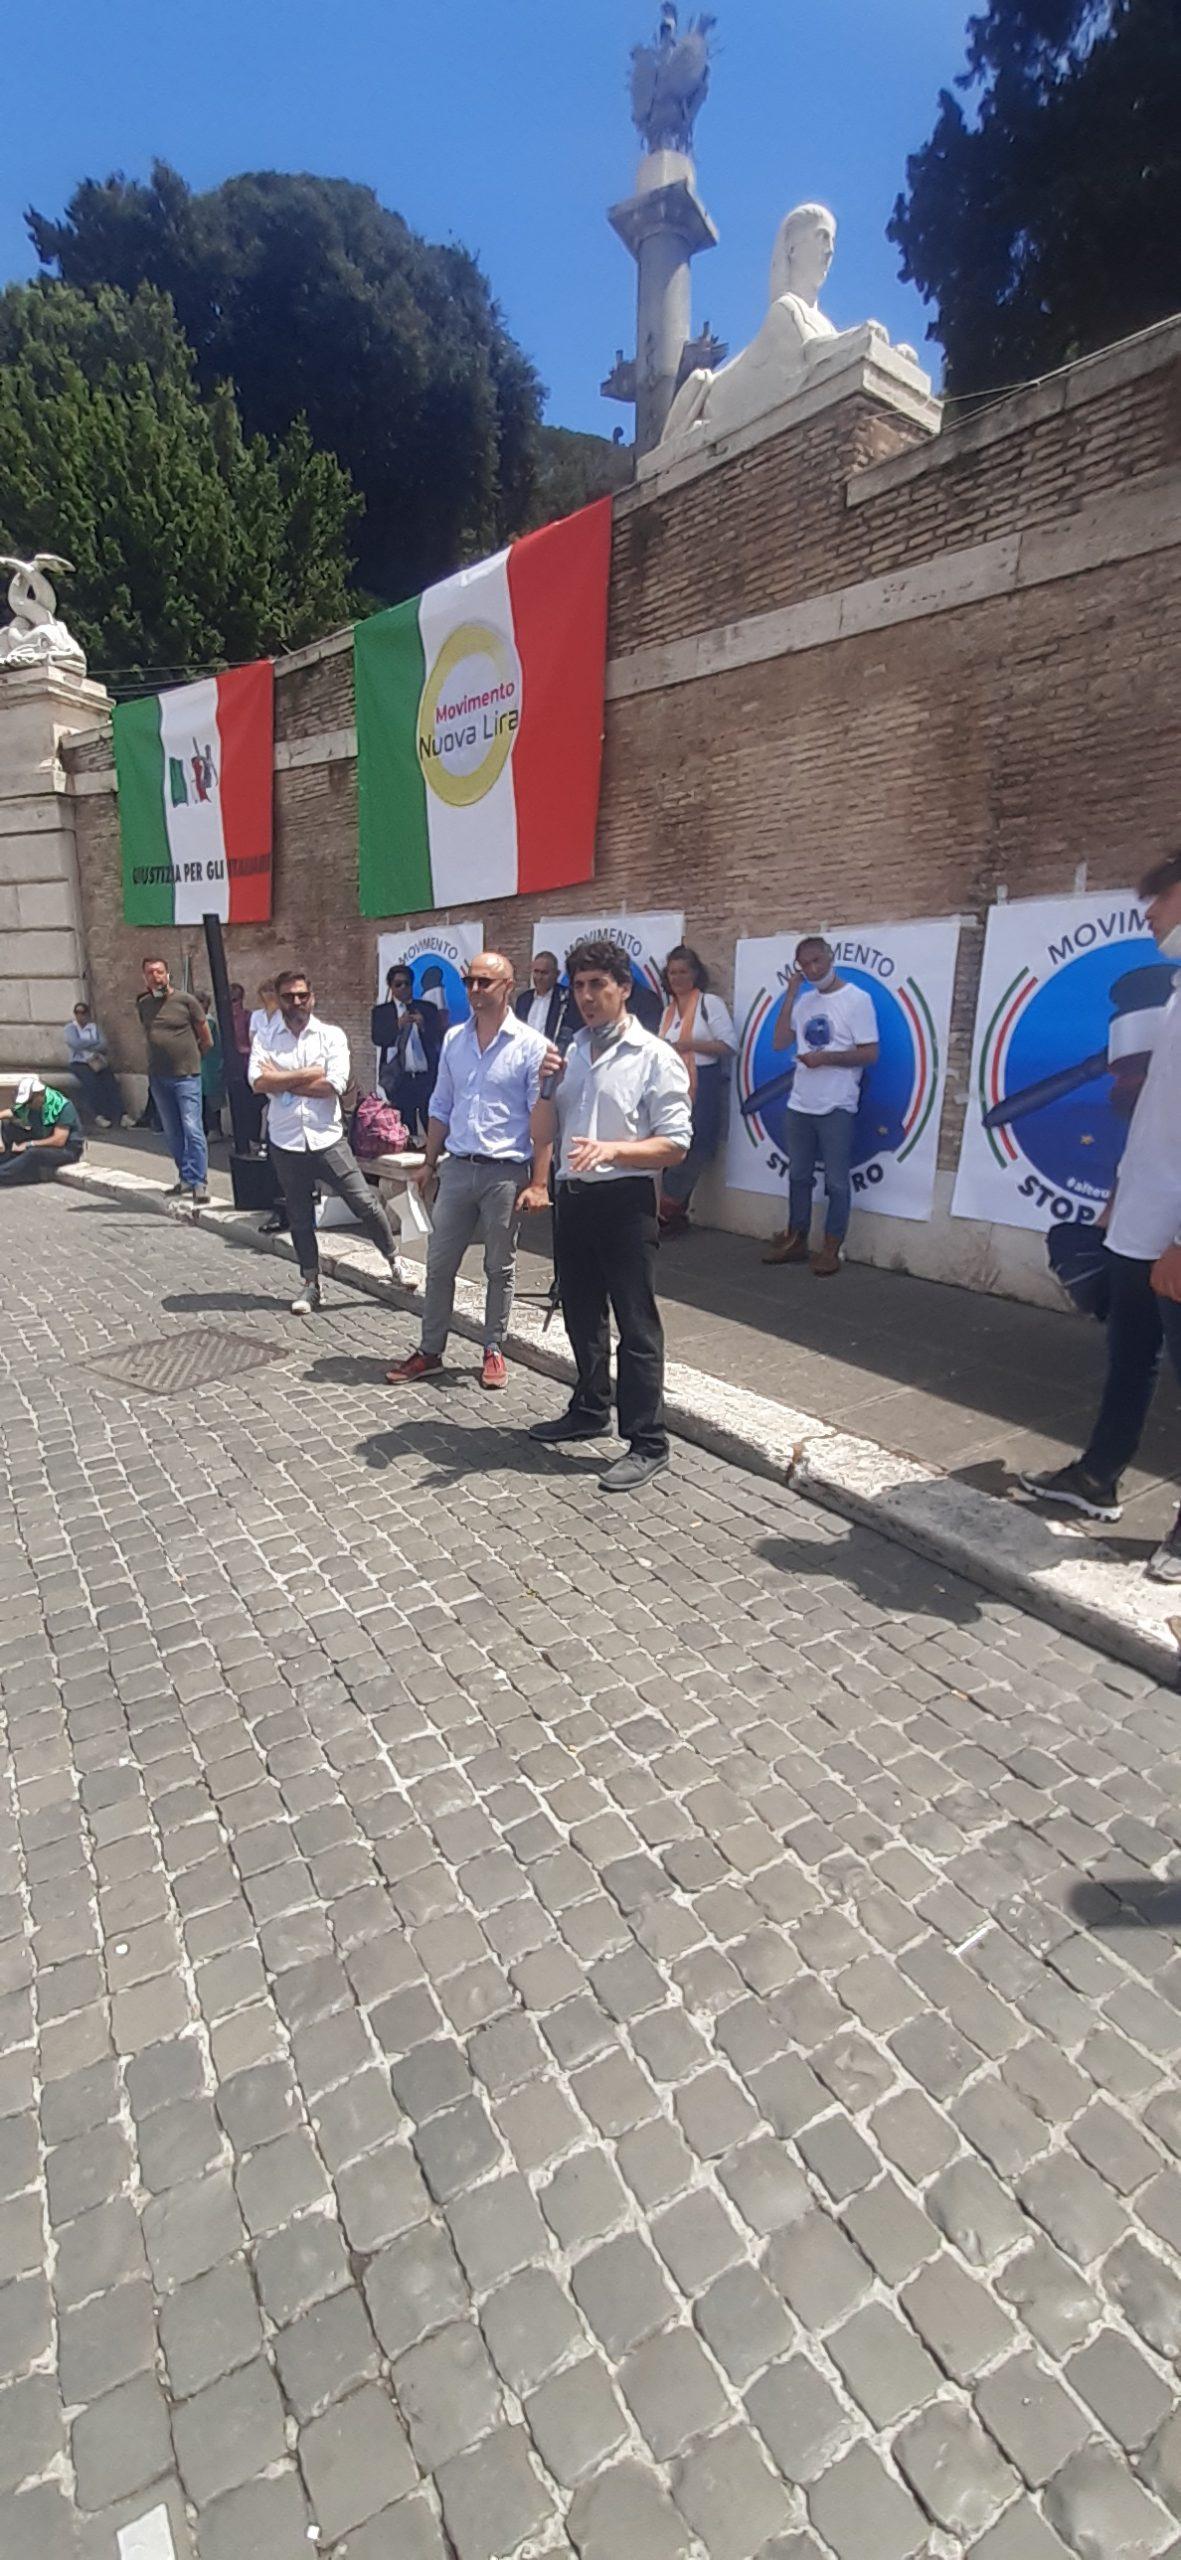 Andrea Paternò Castello ( Vox Italia) si fa sentire a Piazza del Popolo